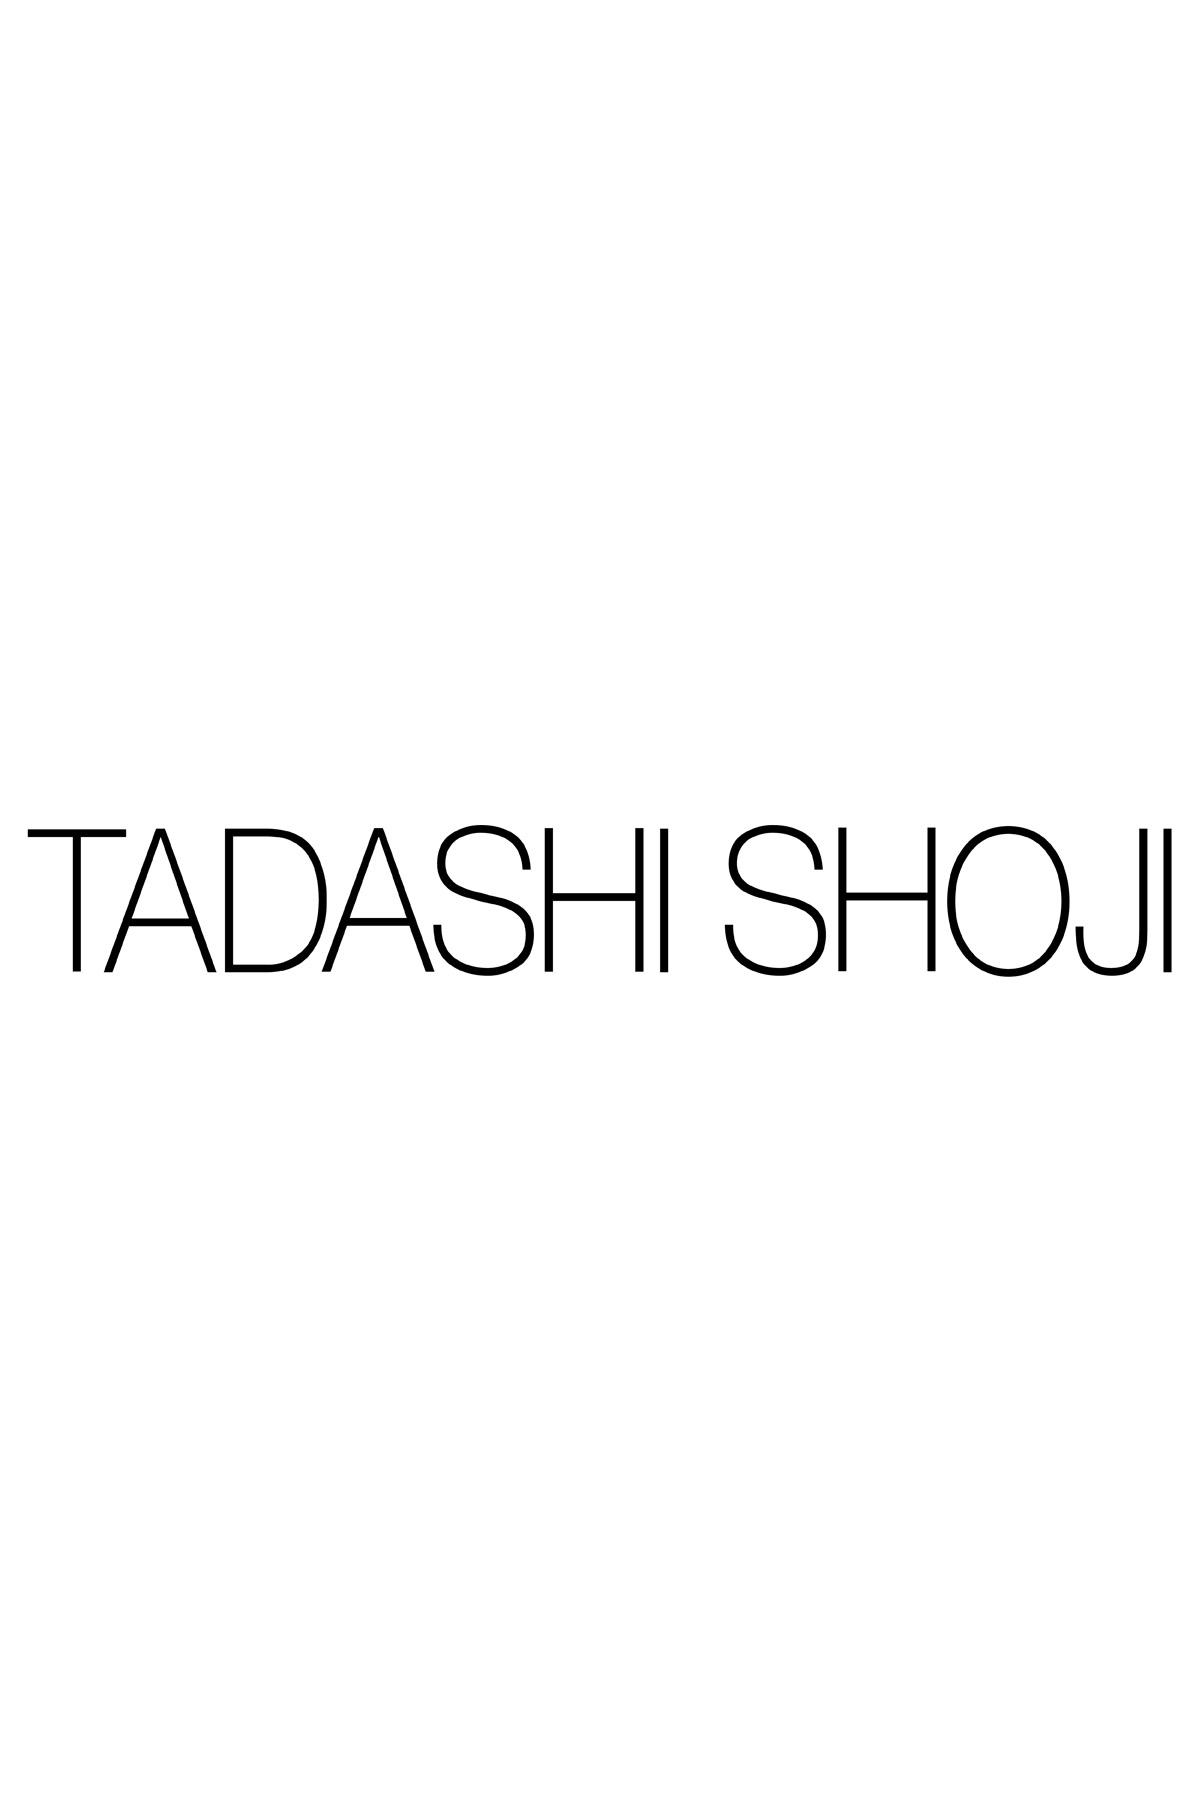 Tadashi Shoji - Mirabelle Embroidered Dress - PLUS SIZE